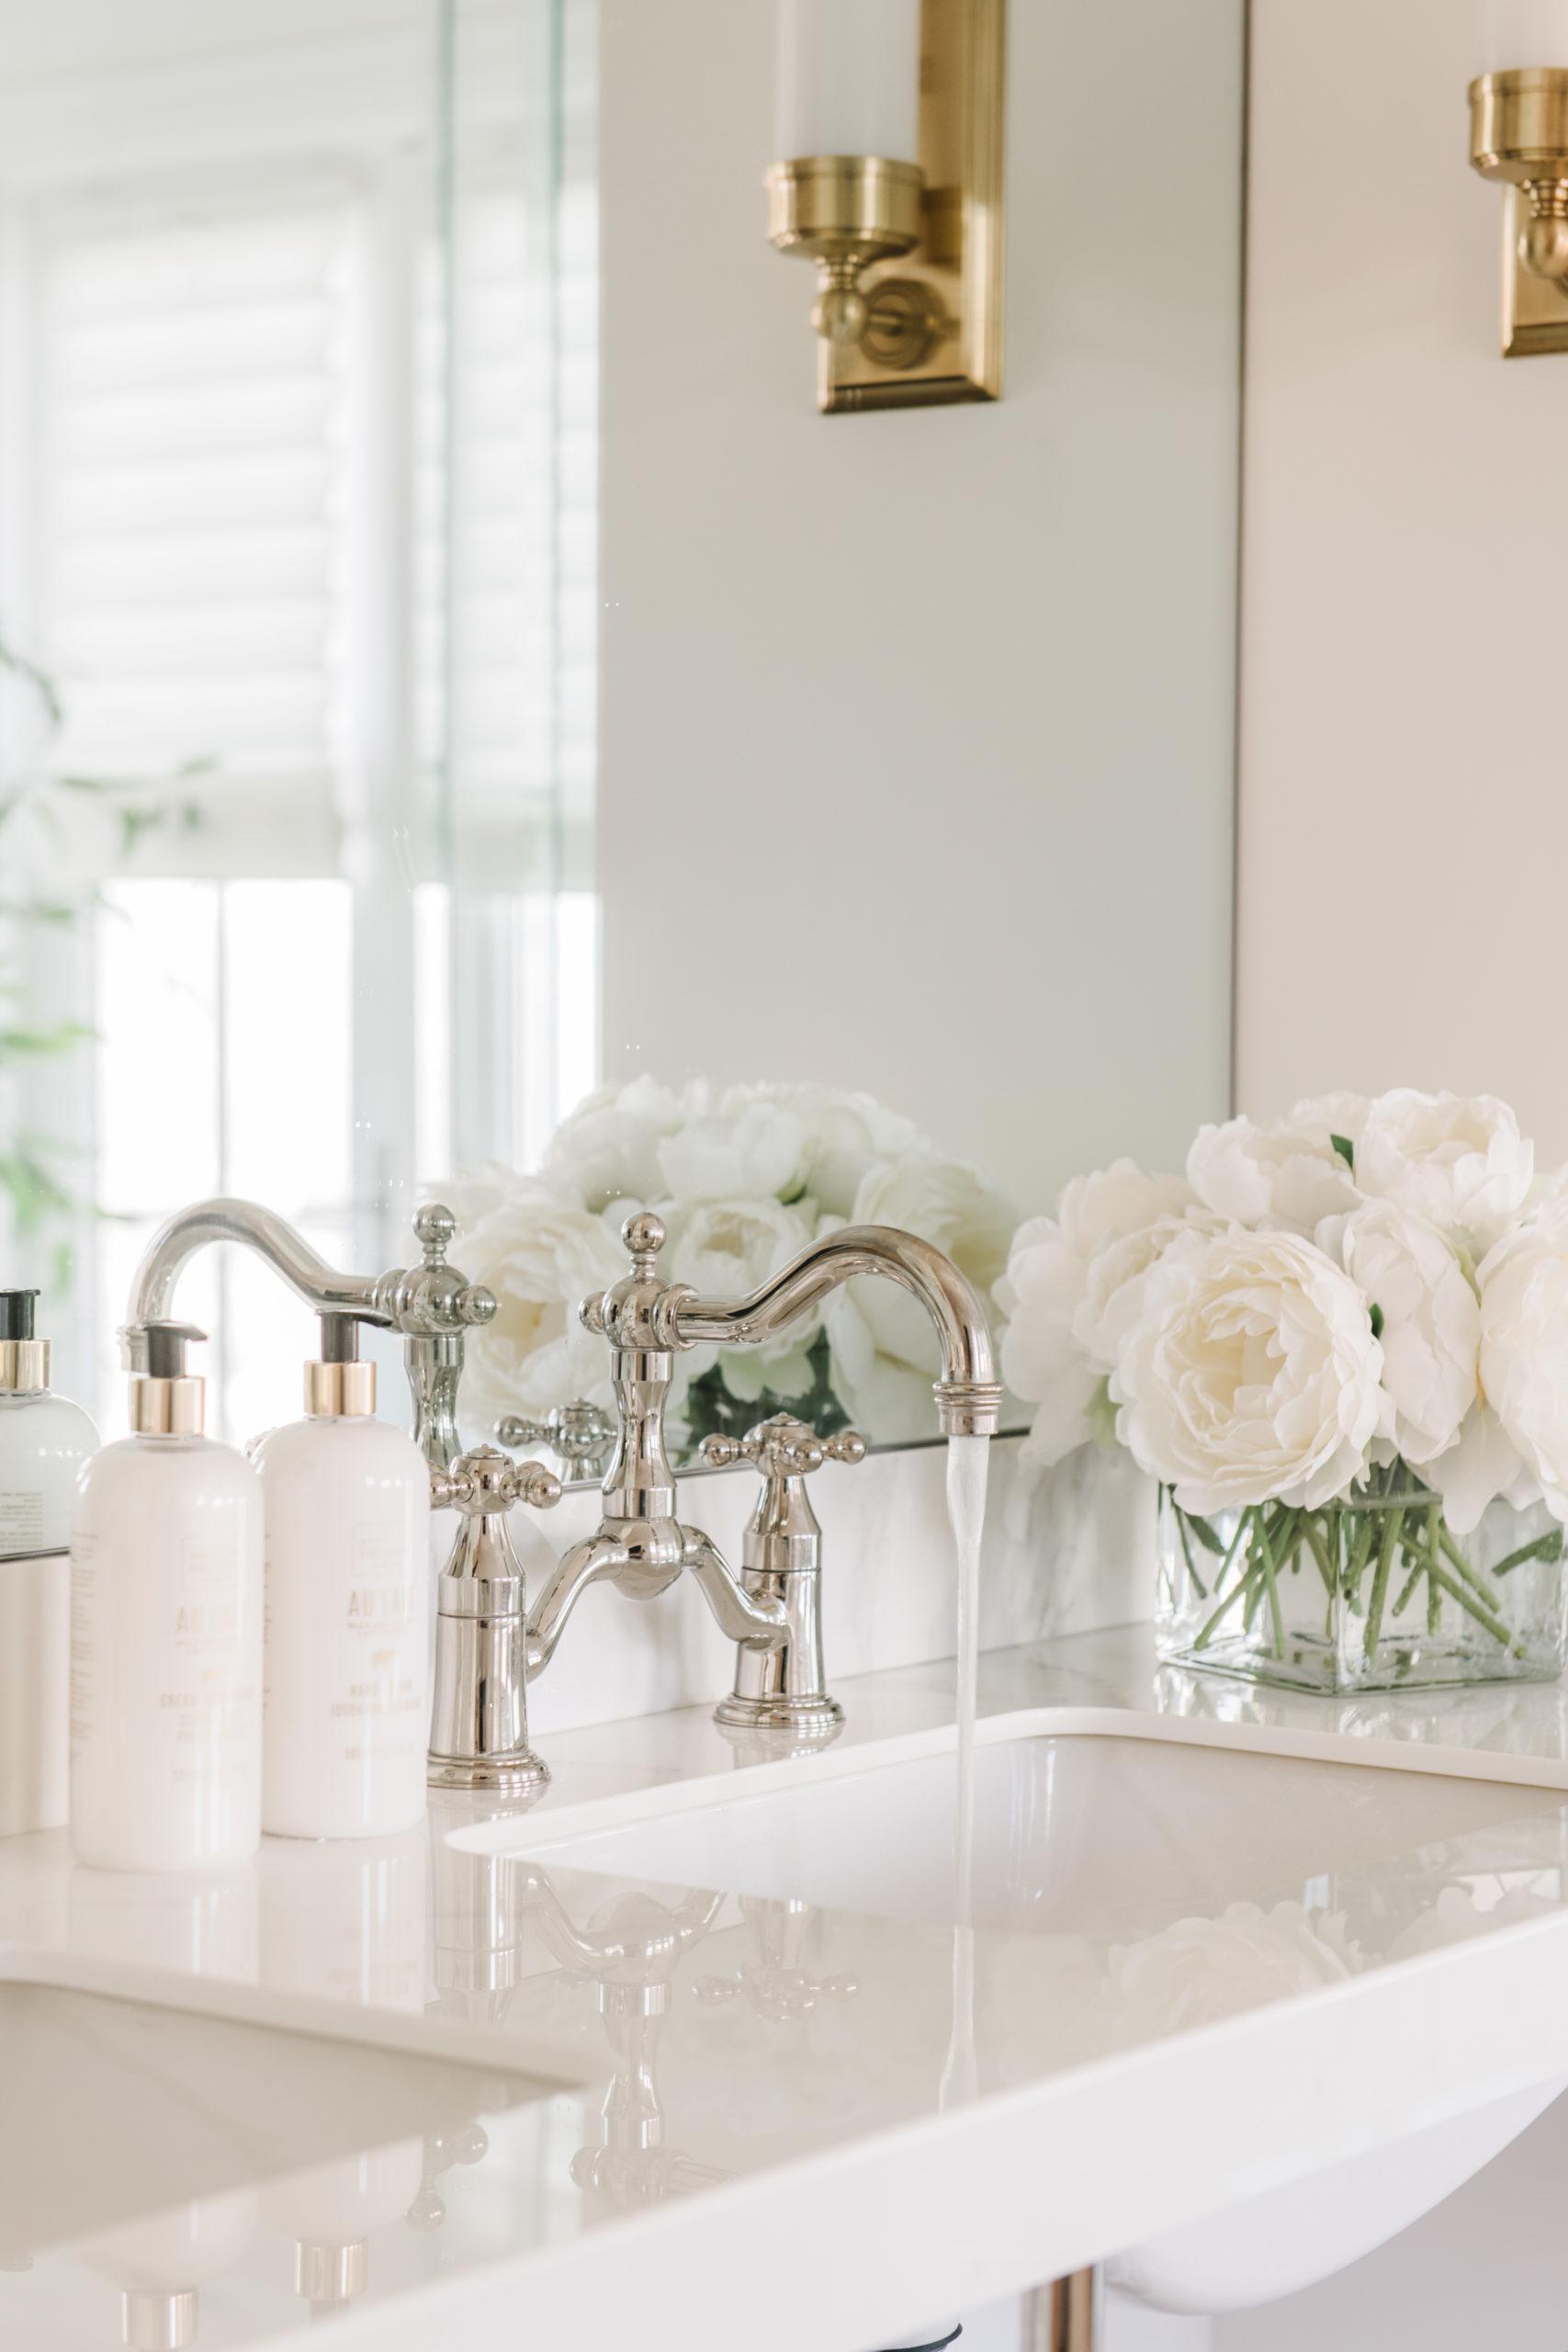 brizo bathroom faucet